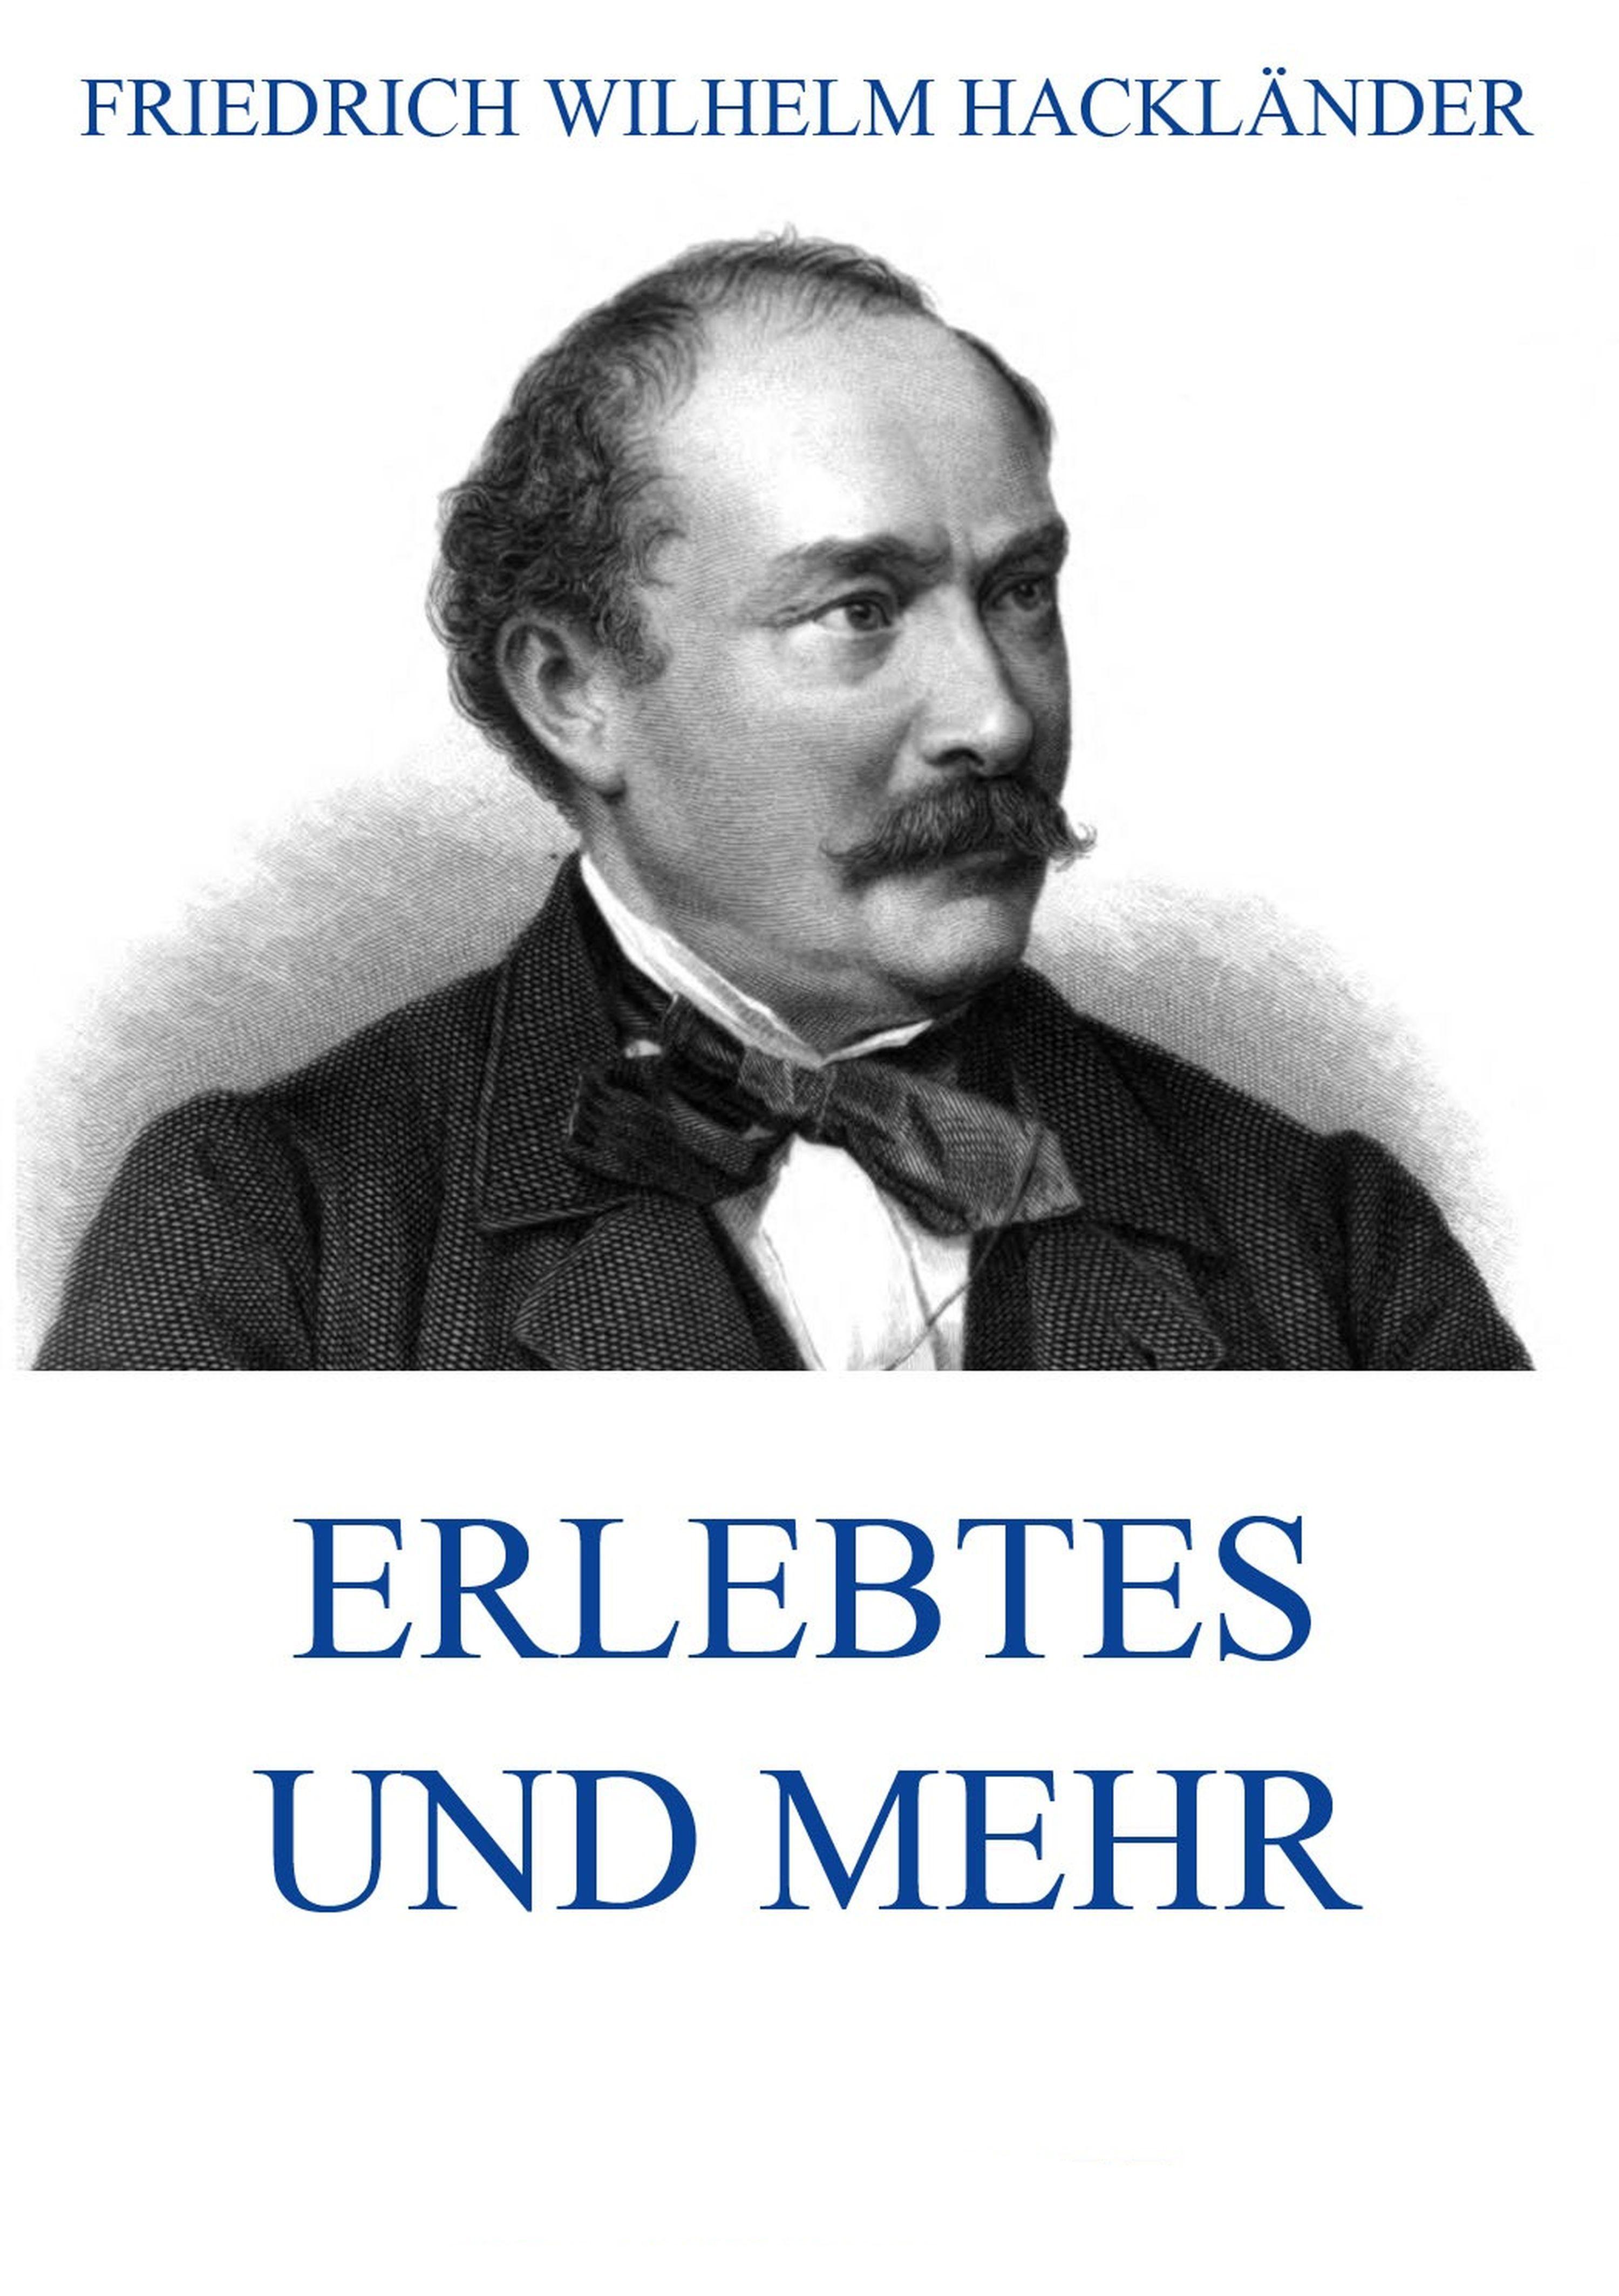 Friedrich Wilhelm Hacklander Erlebtes und mehr